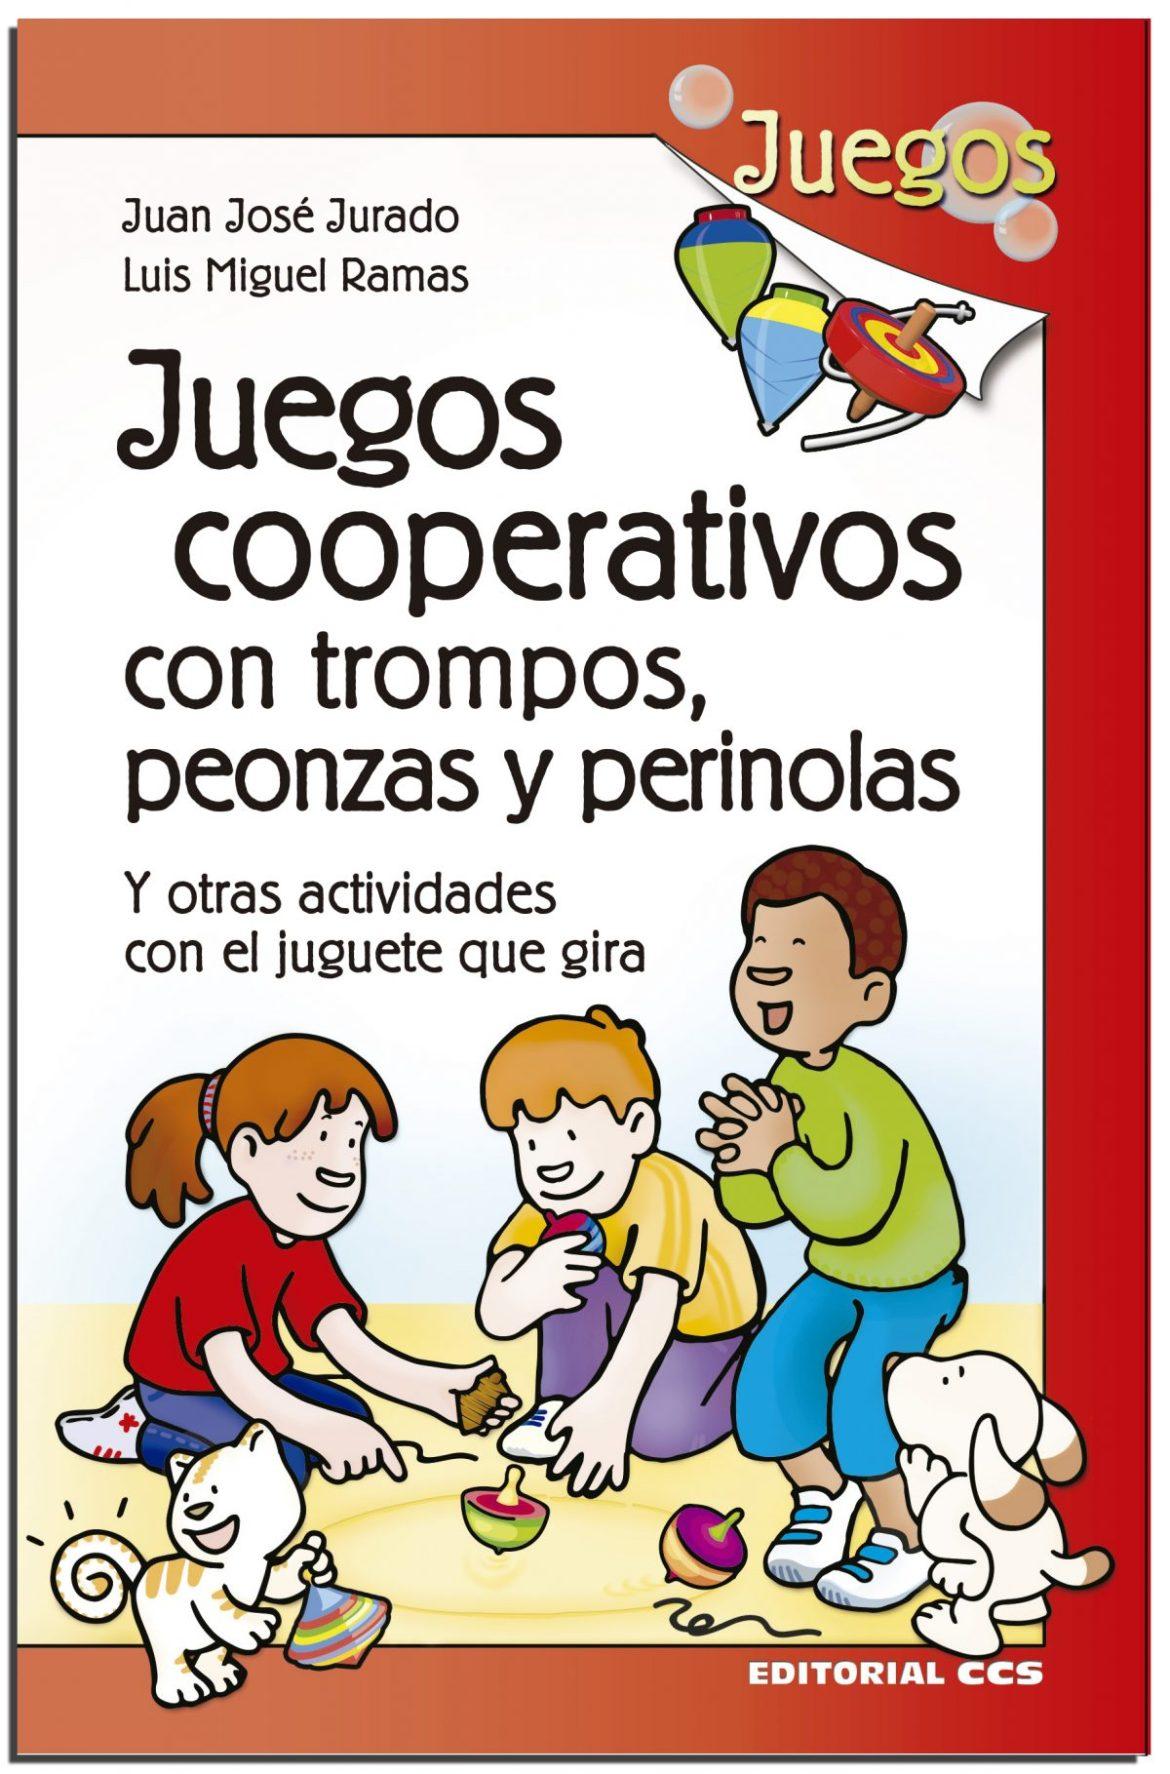 'juegos cooperativos con trompos, peonzas y perinolas'